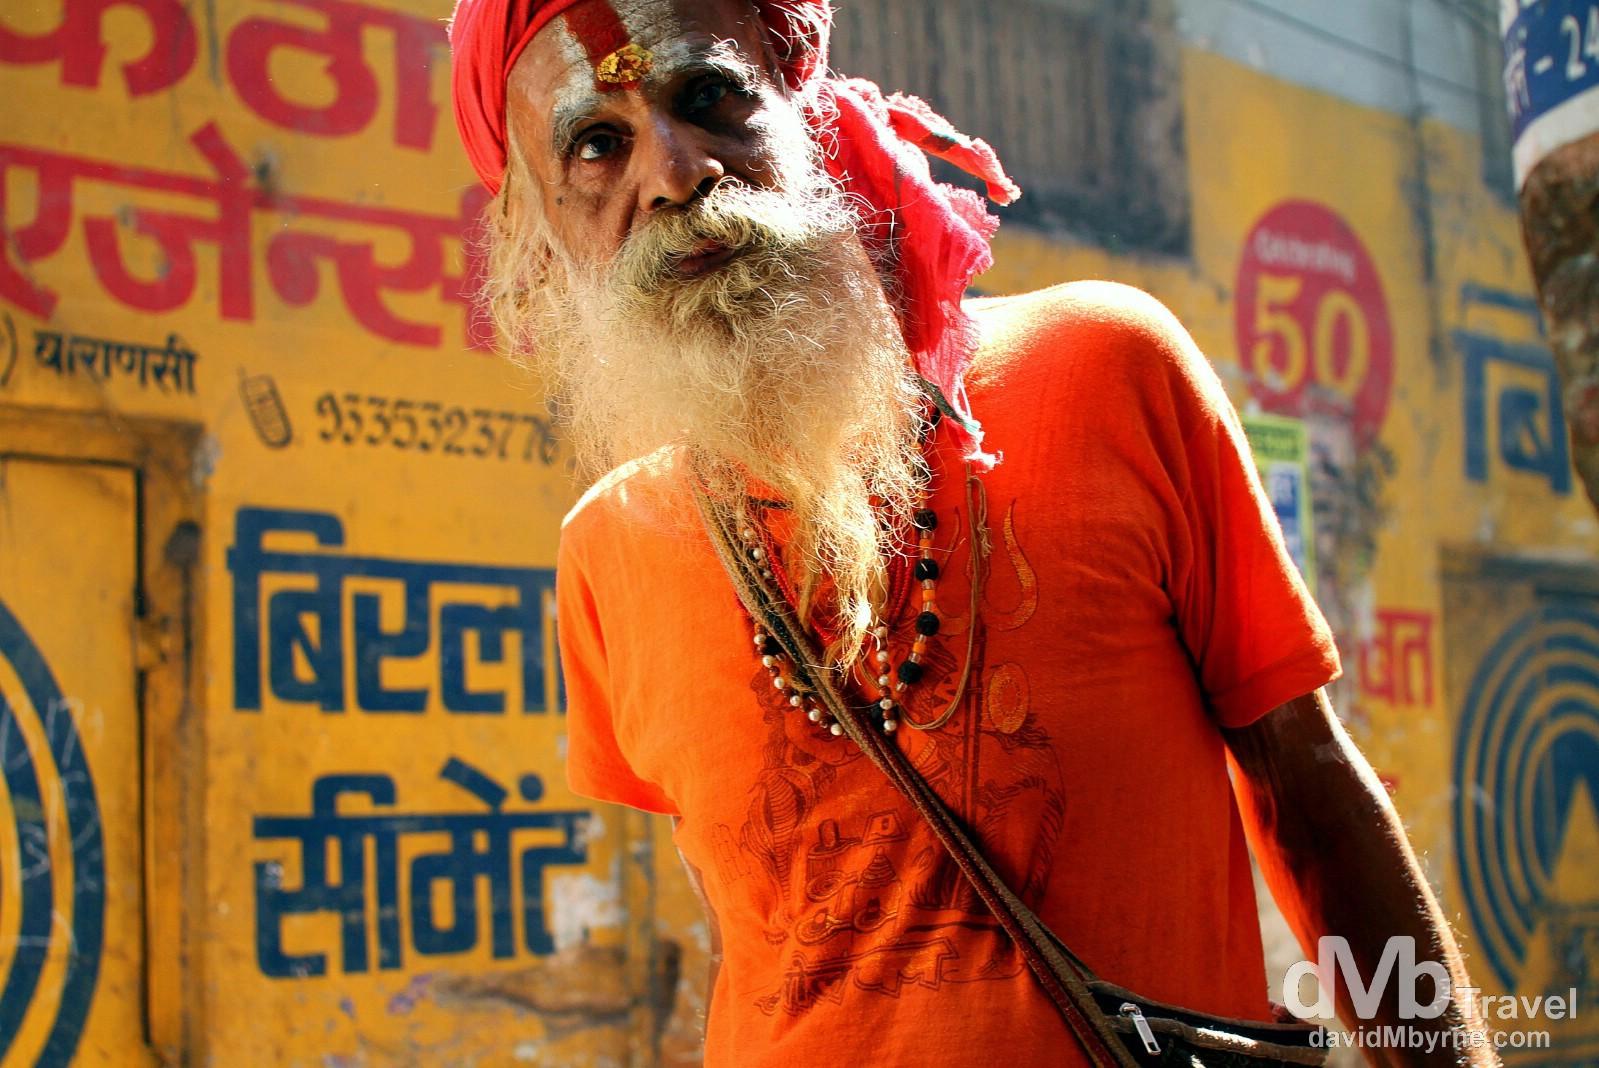 A sadhu, an ascetic Hindi holy man, in the narrow lanes of old town Varanasi, Uttar Pradesh, India. October 13th 2012.